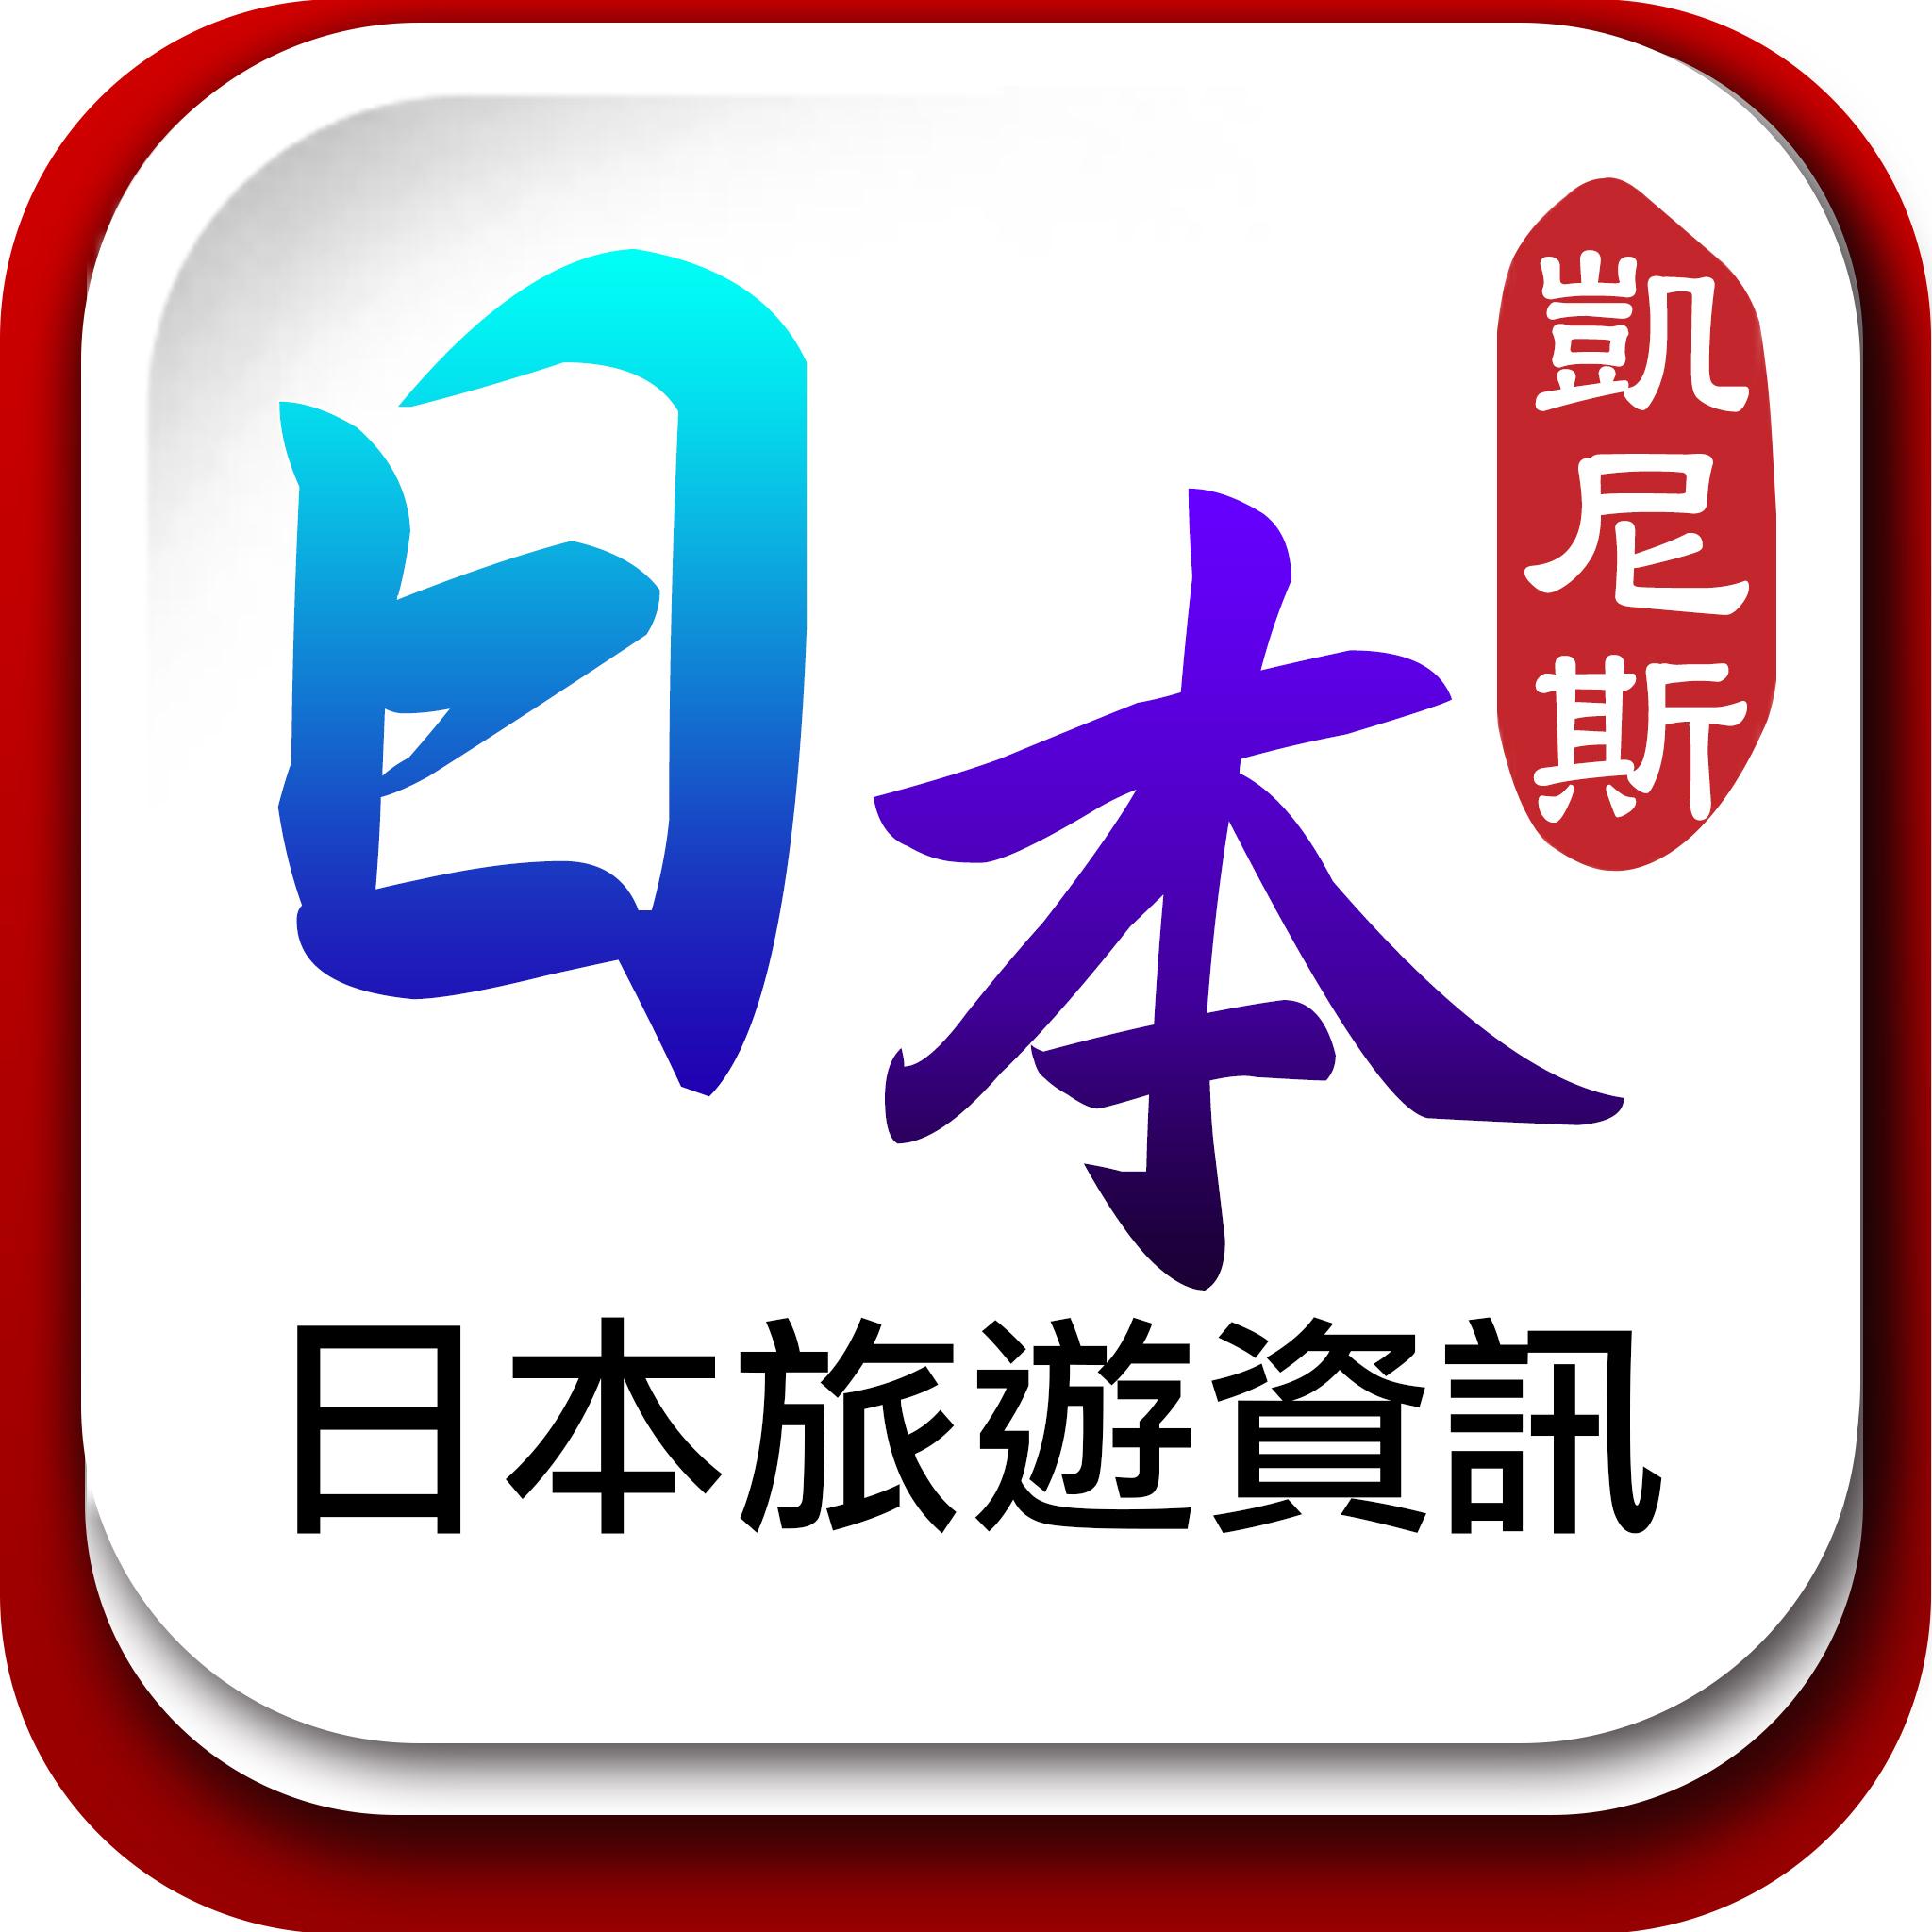 日本旅遊資訊